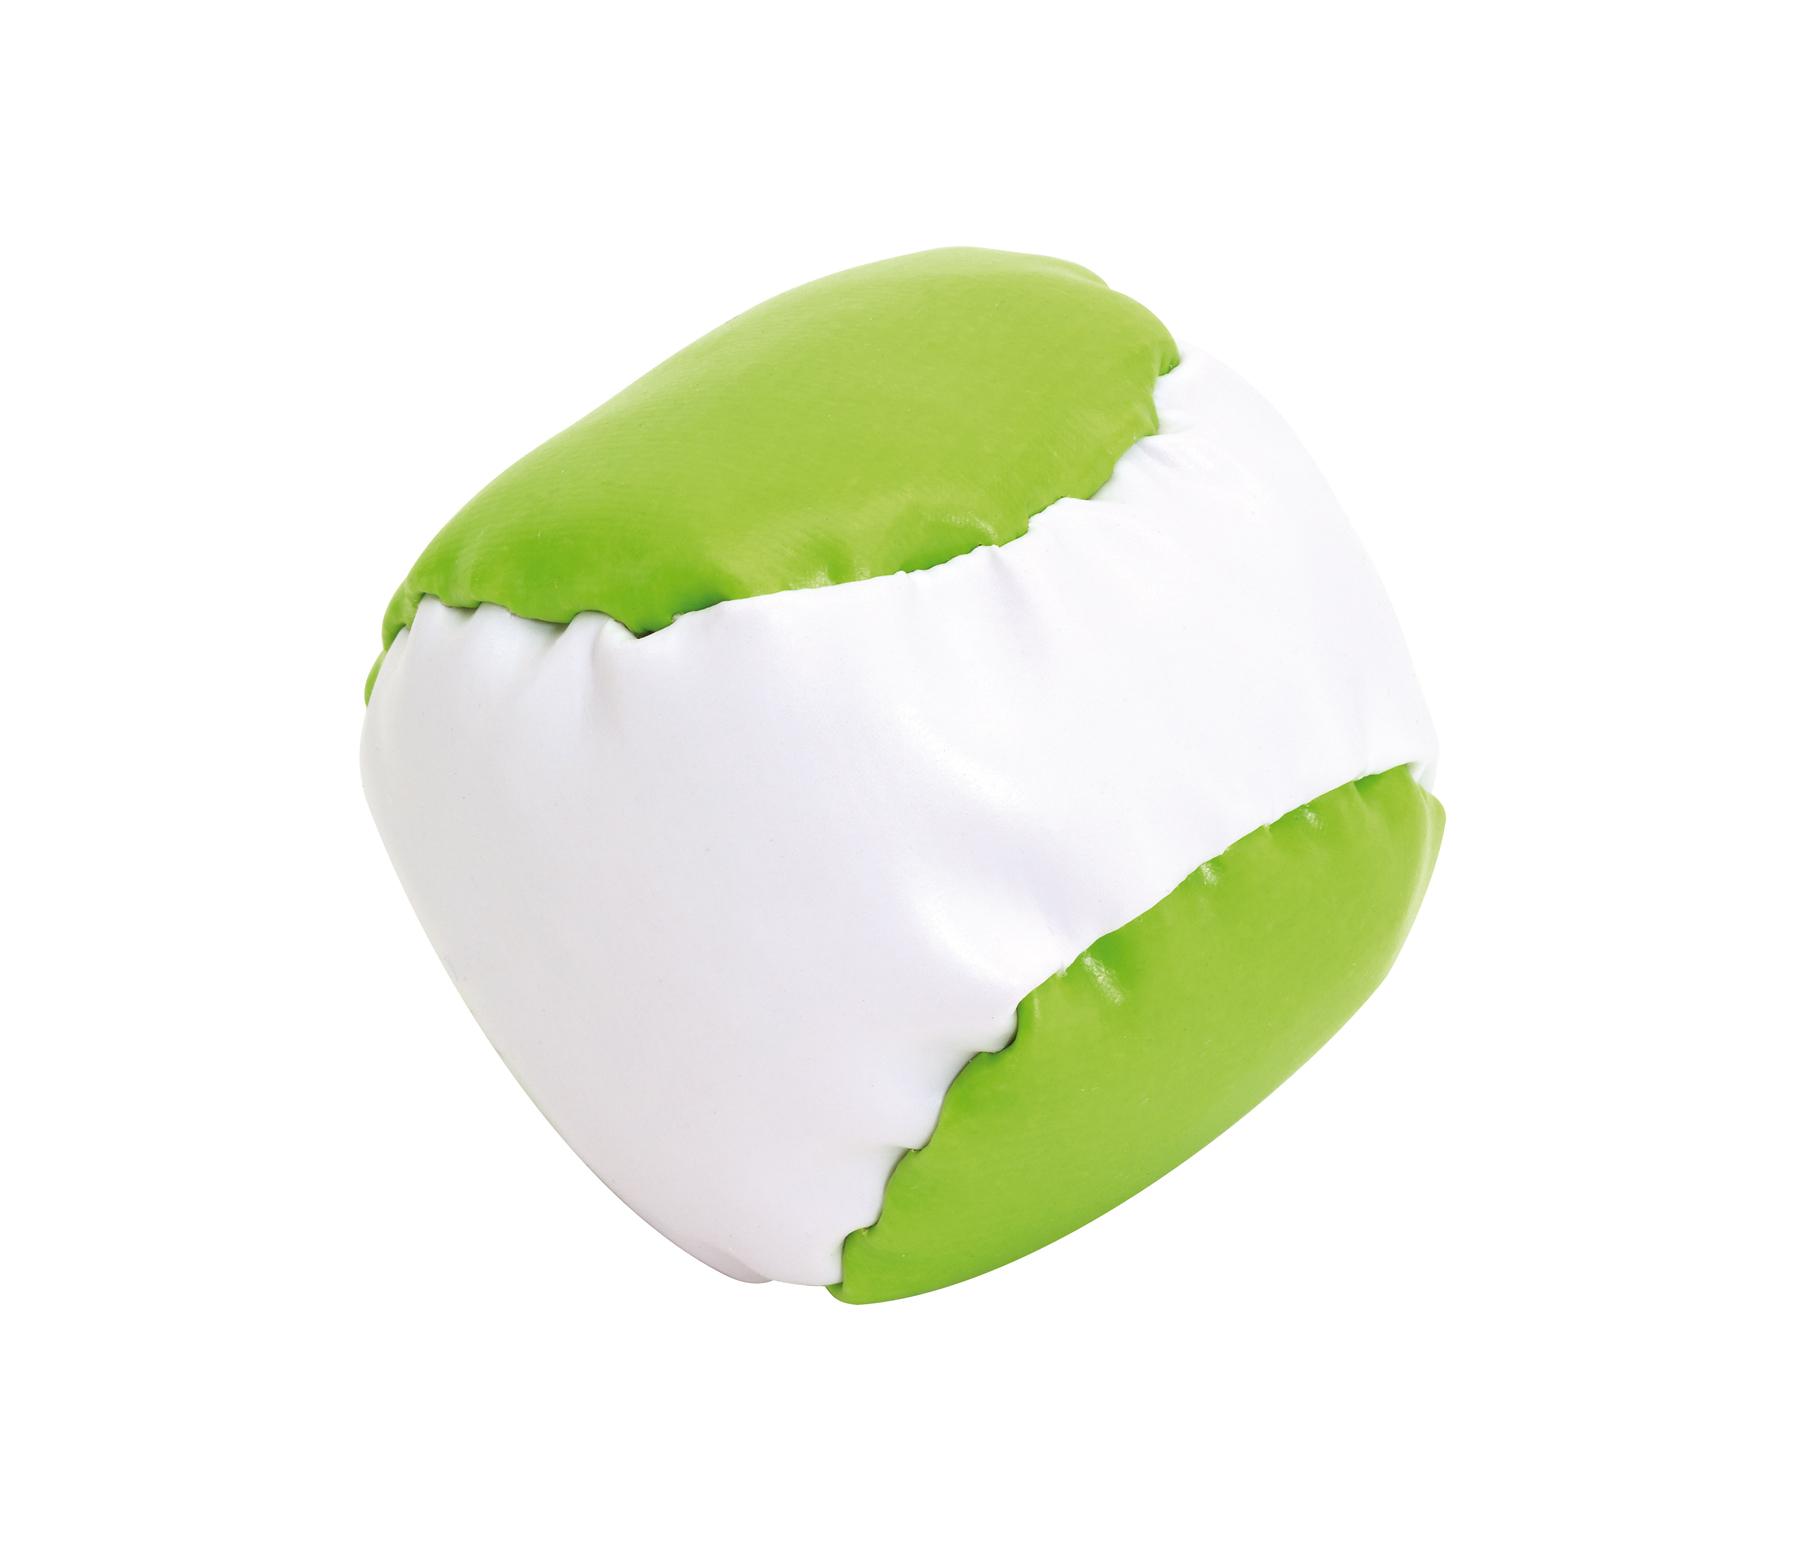 Piłeczka antystresowa JUGGLE, biały, jasnozielony